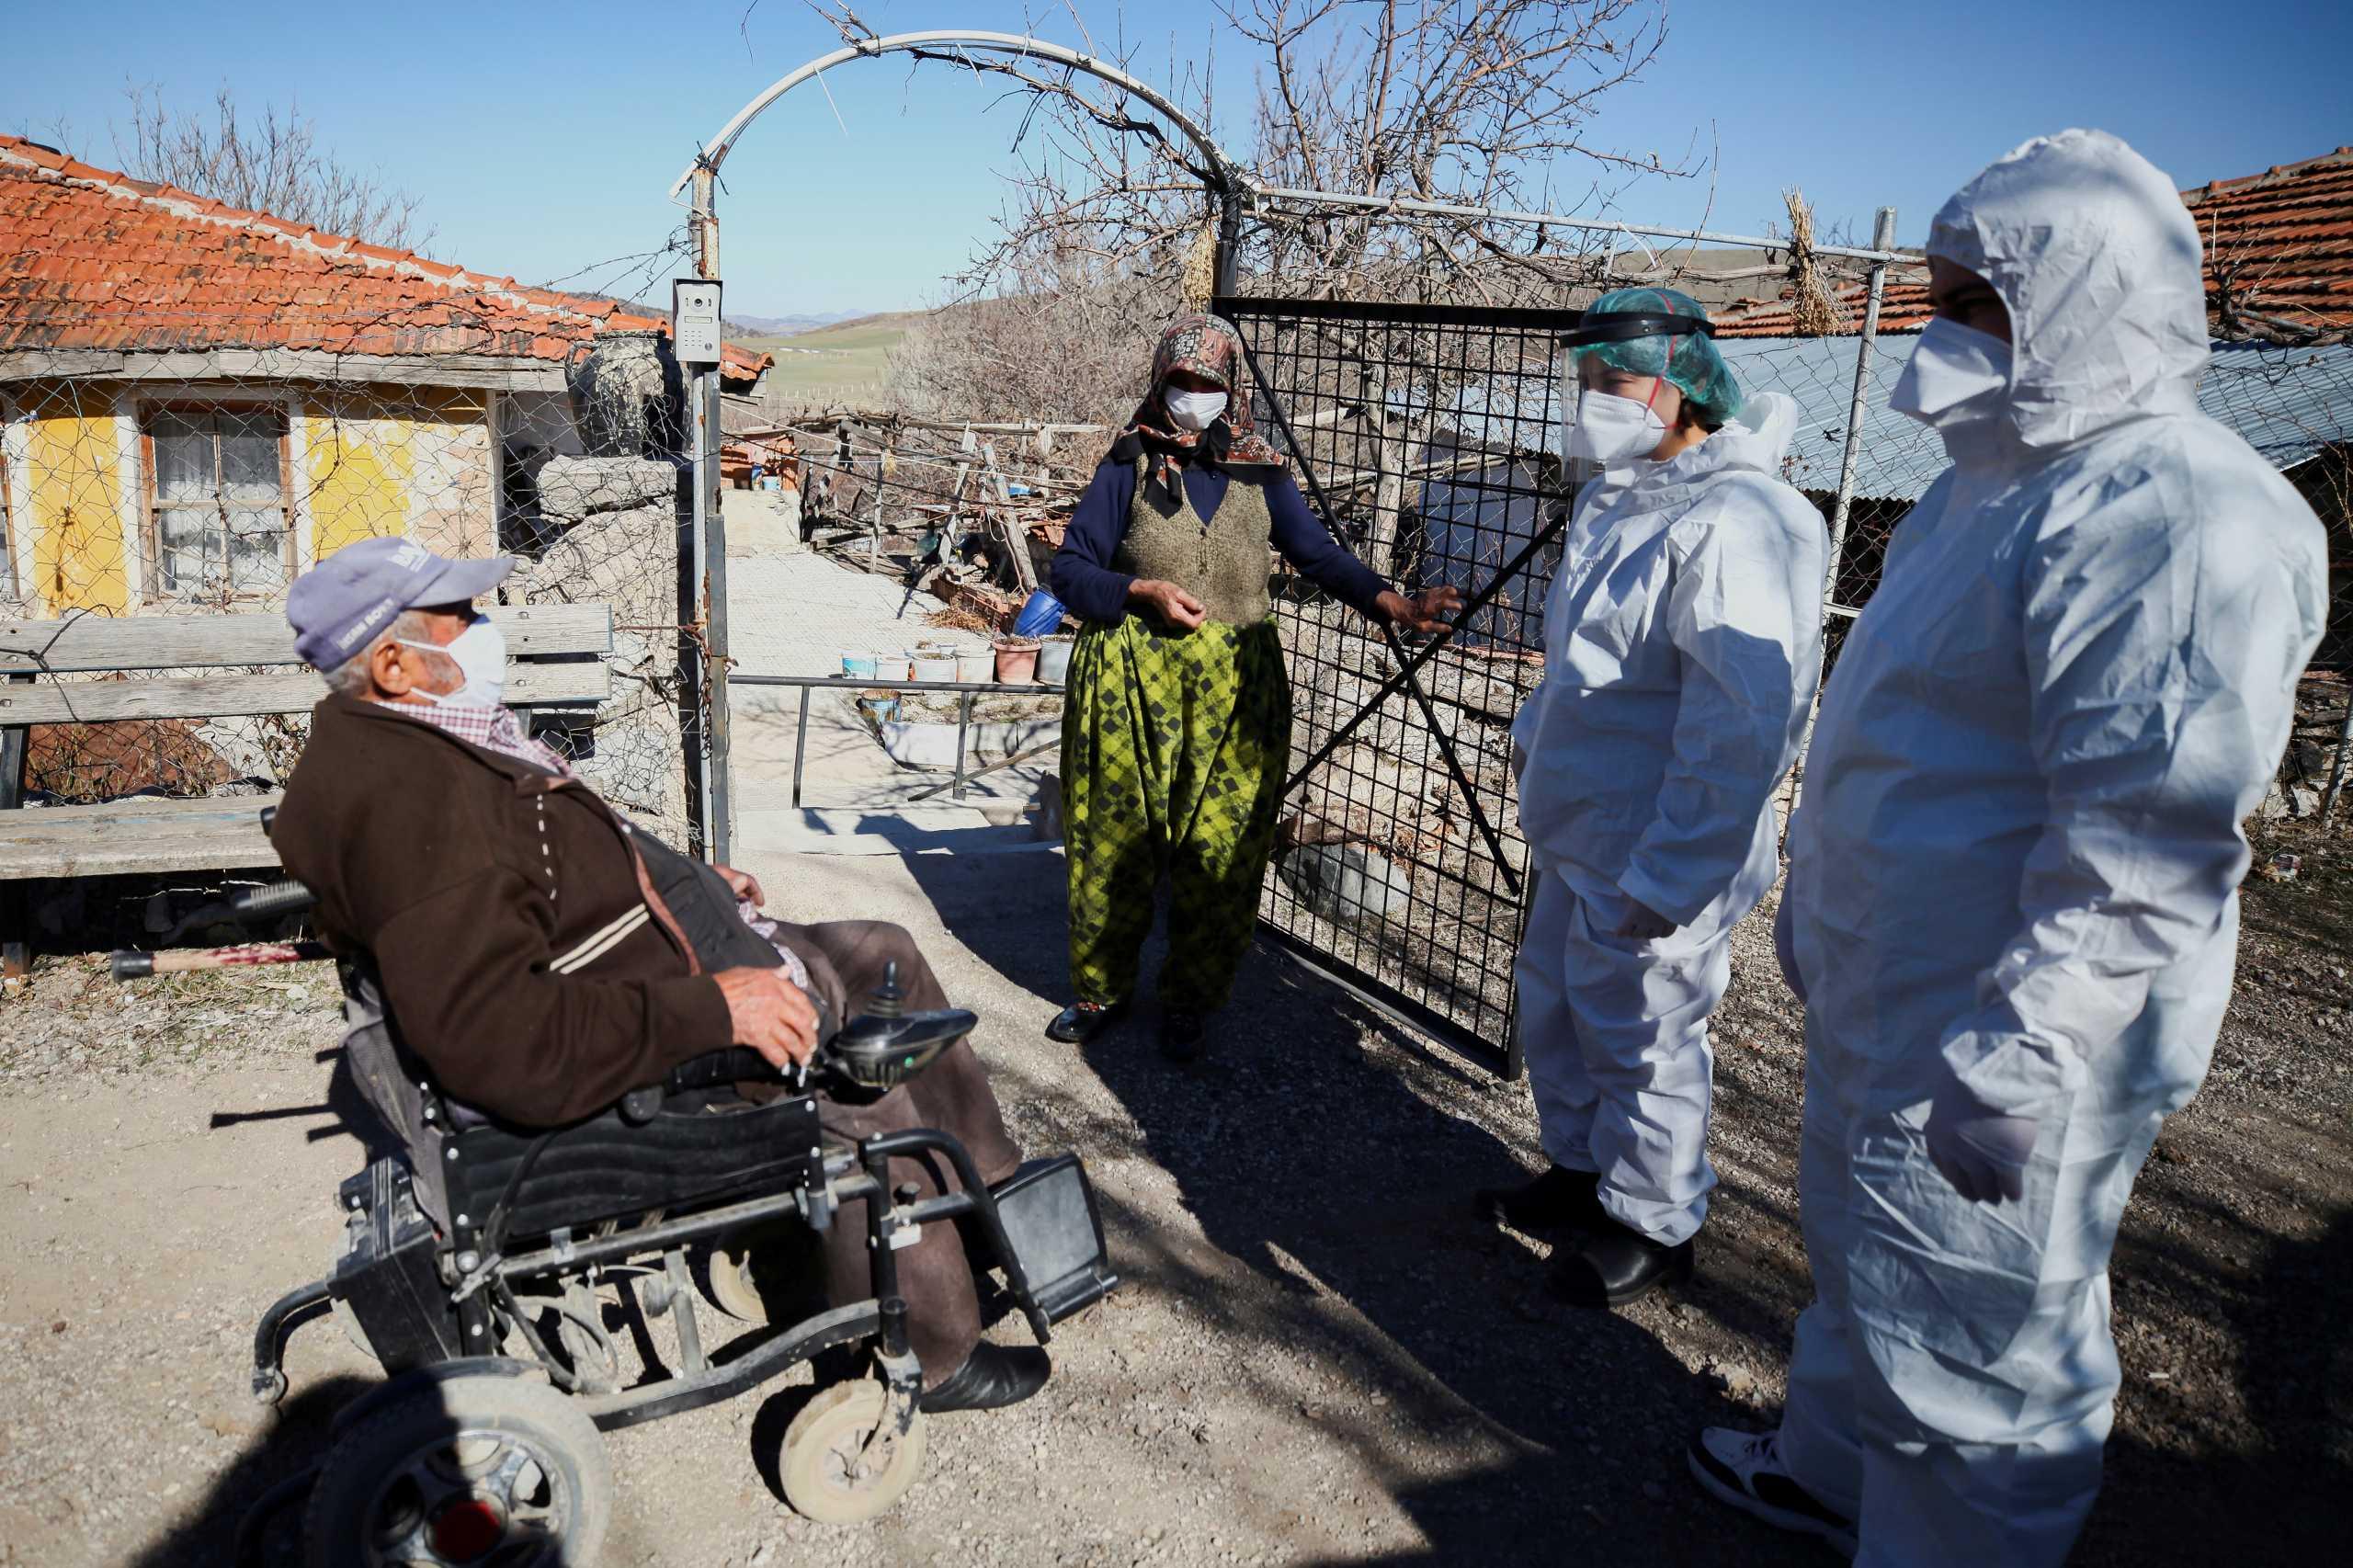 Τουρκία: Ρεκόρ με πάνω από 63.000 νέα κρούσματα κορονοϊού – 289 νεκροί το τελευταίο 24ωρο